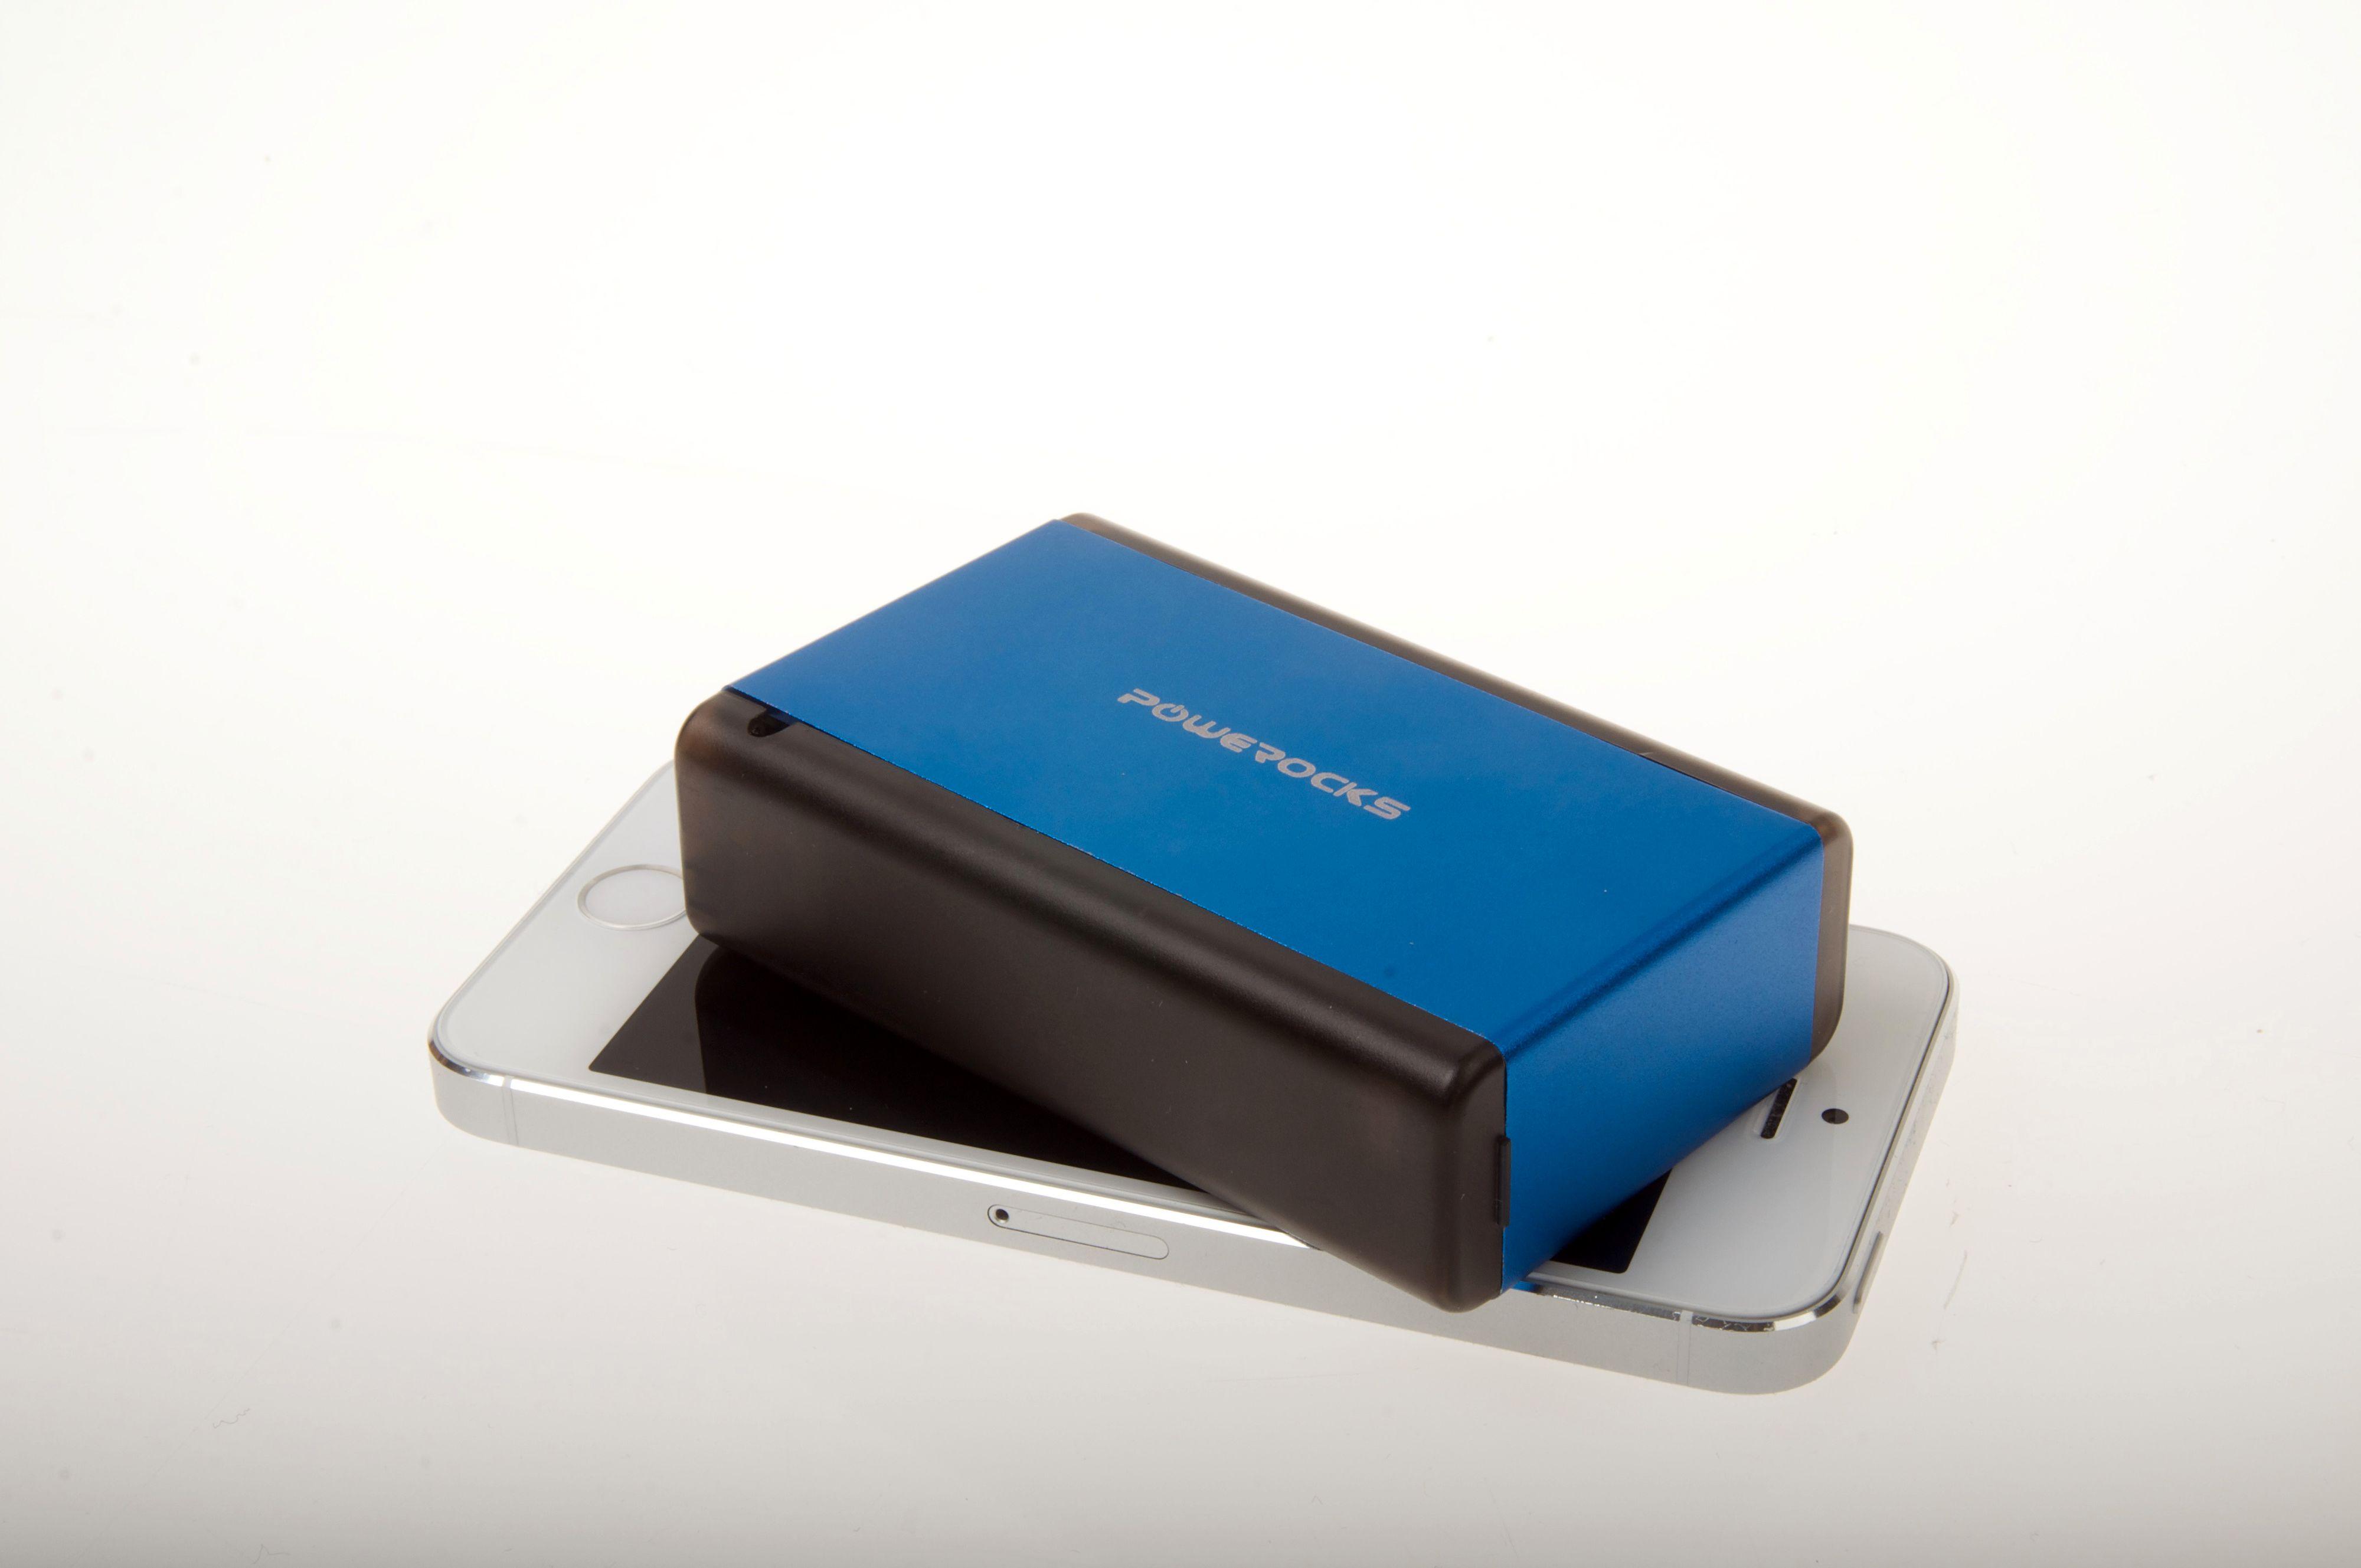 Denne nødladeren fra Powerocks har en kapasitet på 6000 mAh, og holder dermed til å lade telefonen opptil tre ganger.Foto: Kurt Lekanger, Amobil.no